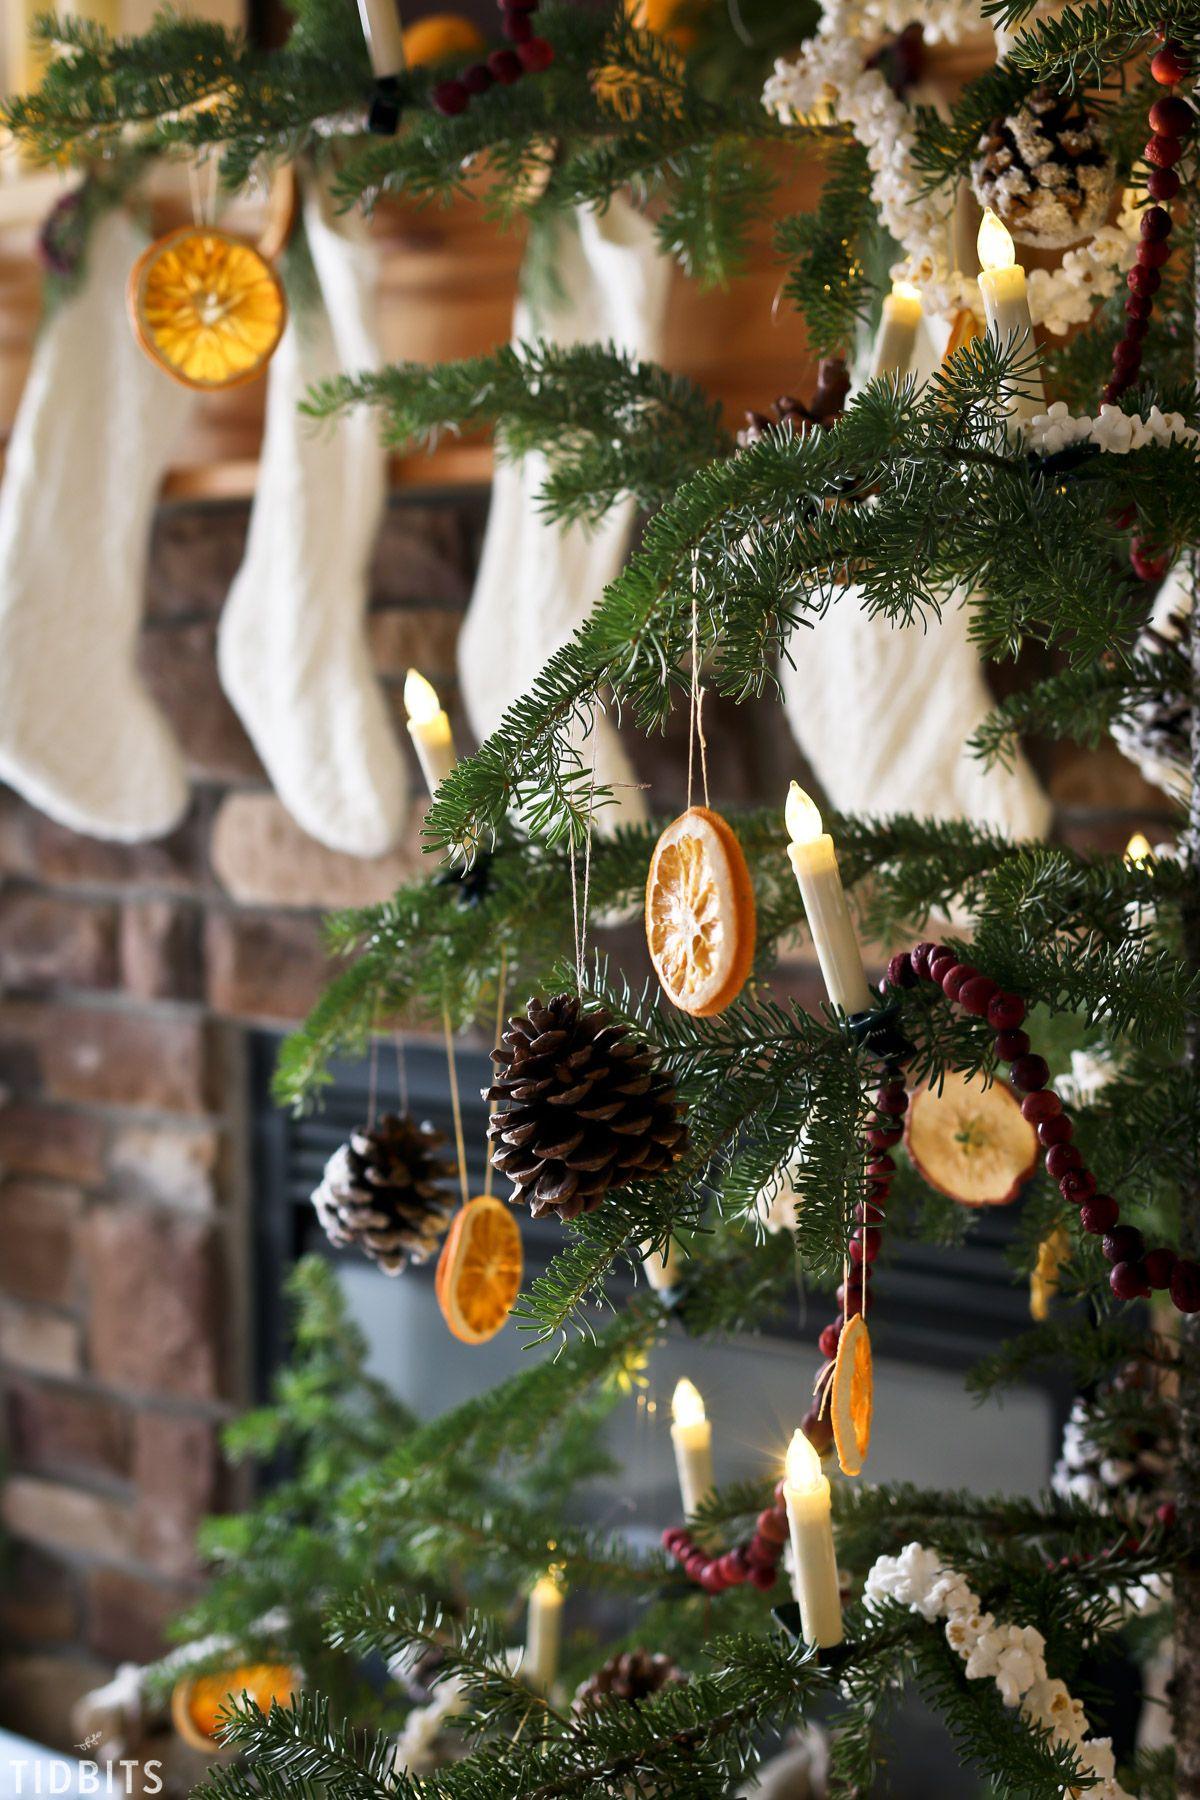 Natural Christmas Decorations Tidbits Natural Christmas Decor Christmas Decorations Natural Christmas